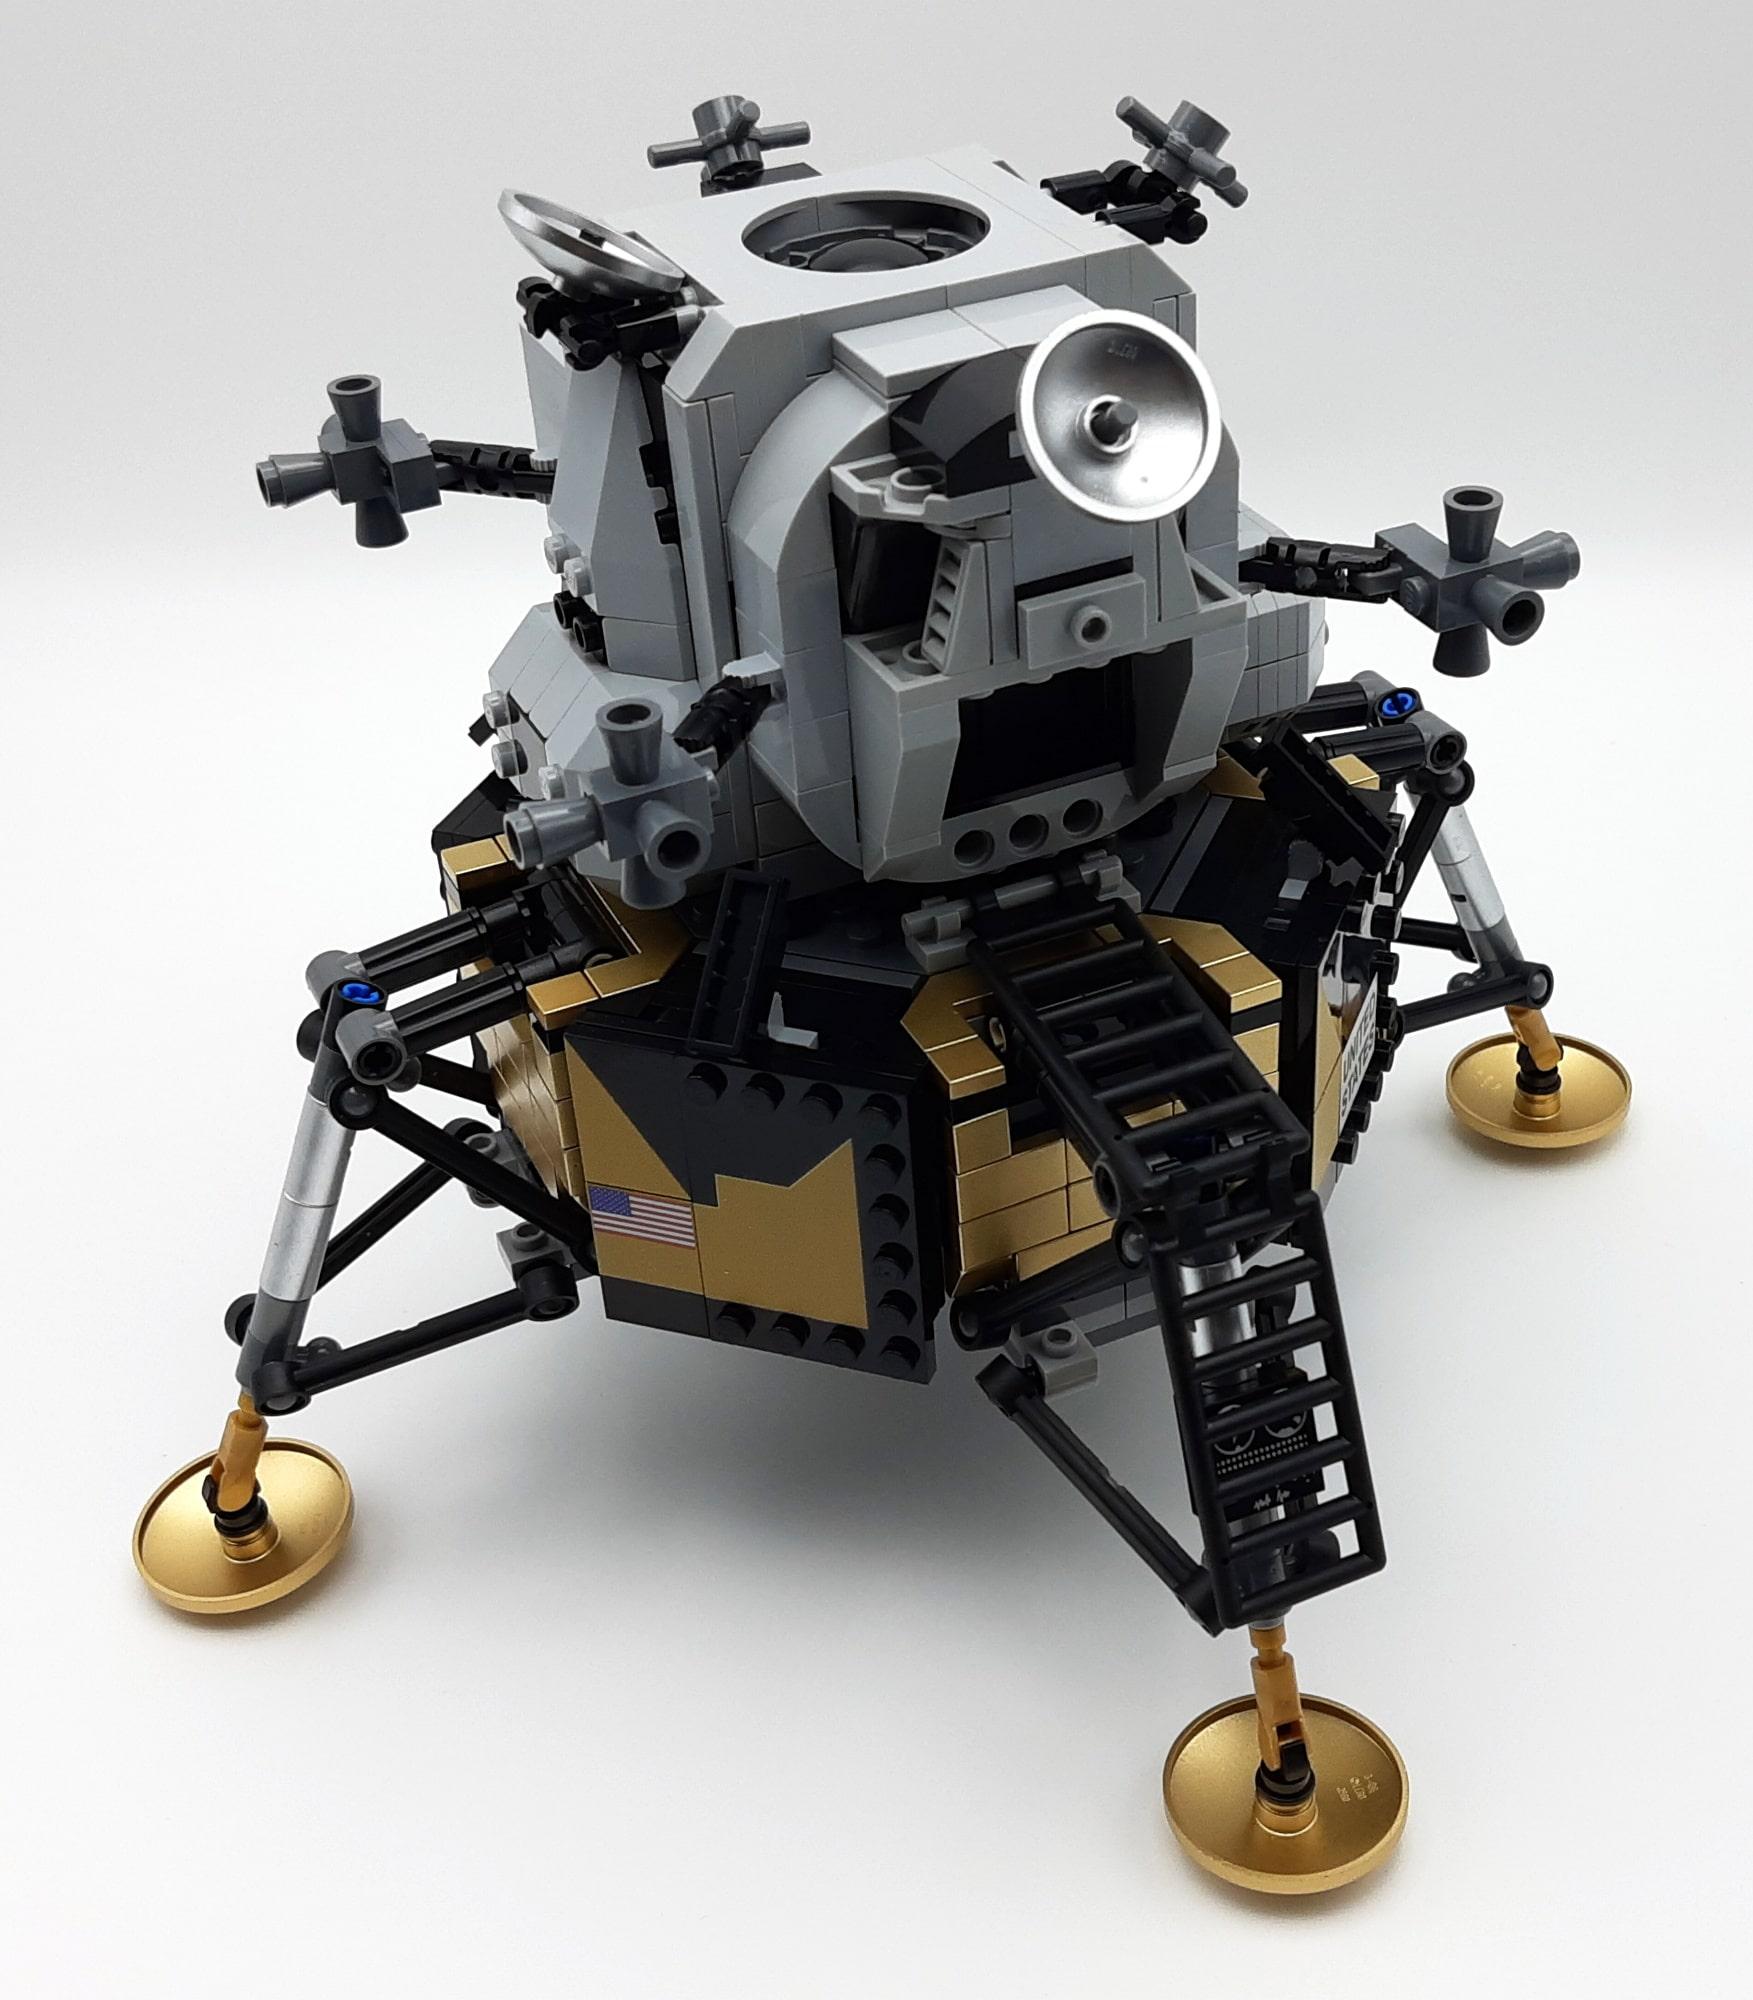 LEGO 10266 Nasa Apollo 11 Mondlandefähre - Landefähre